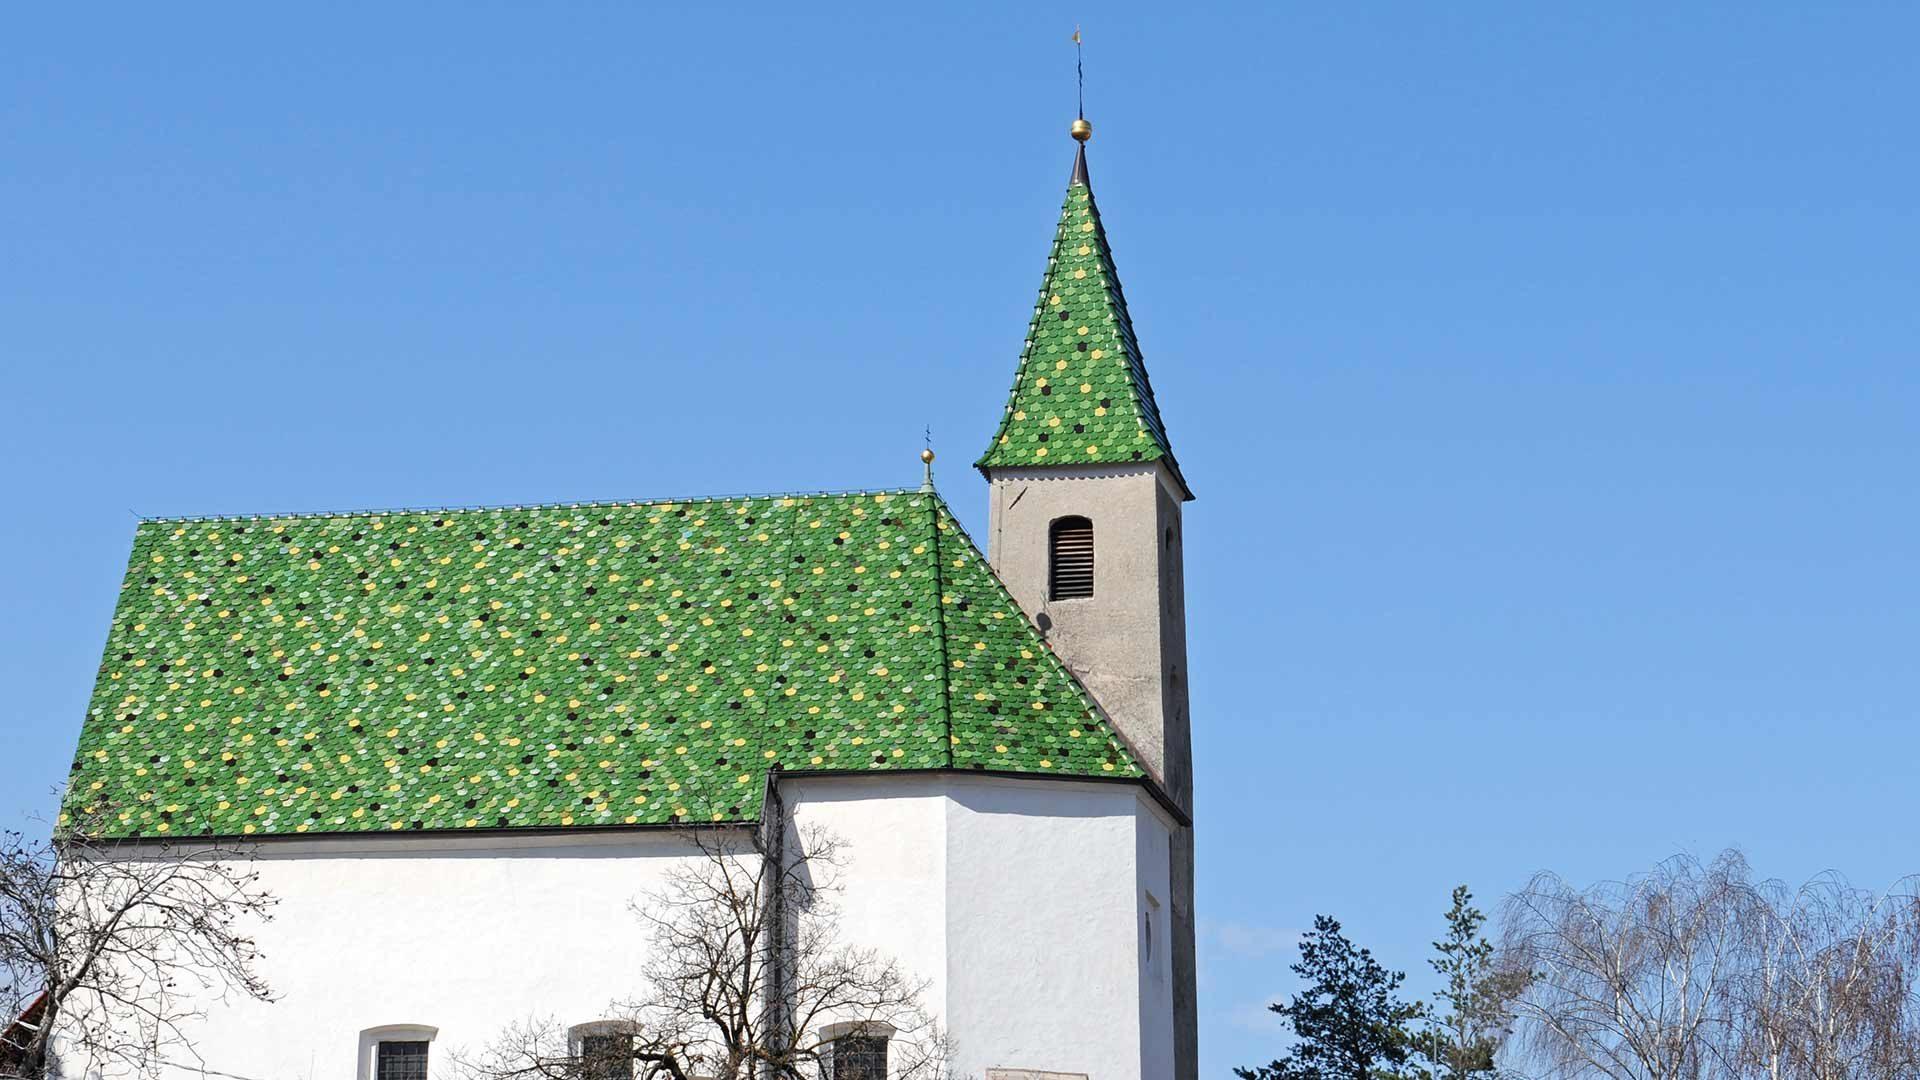 St. Martins Kirche in Prissian